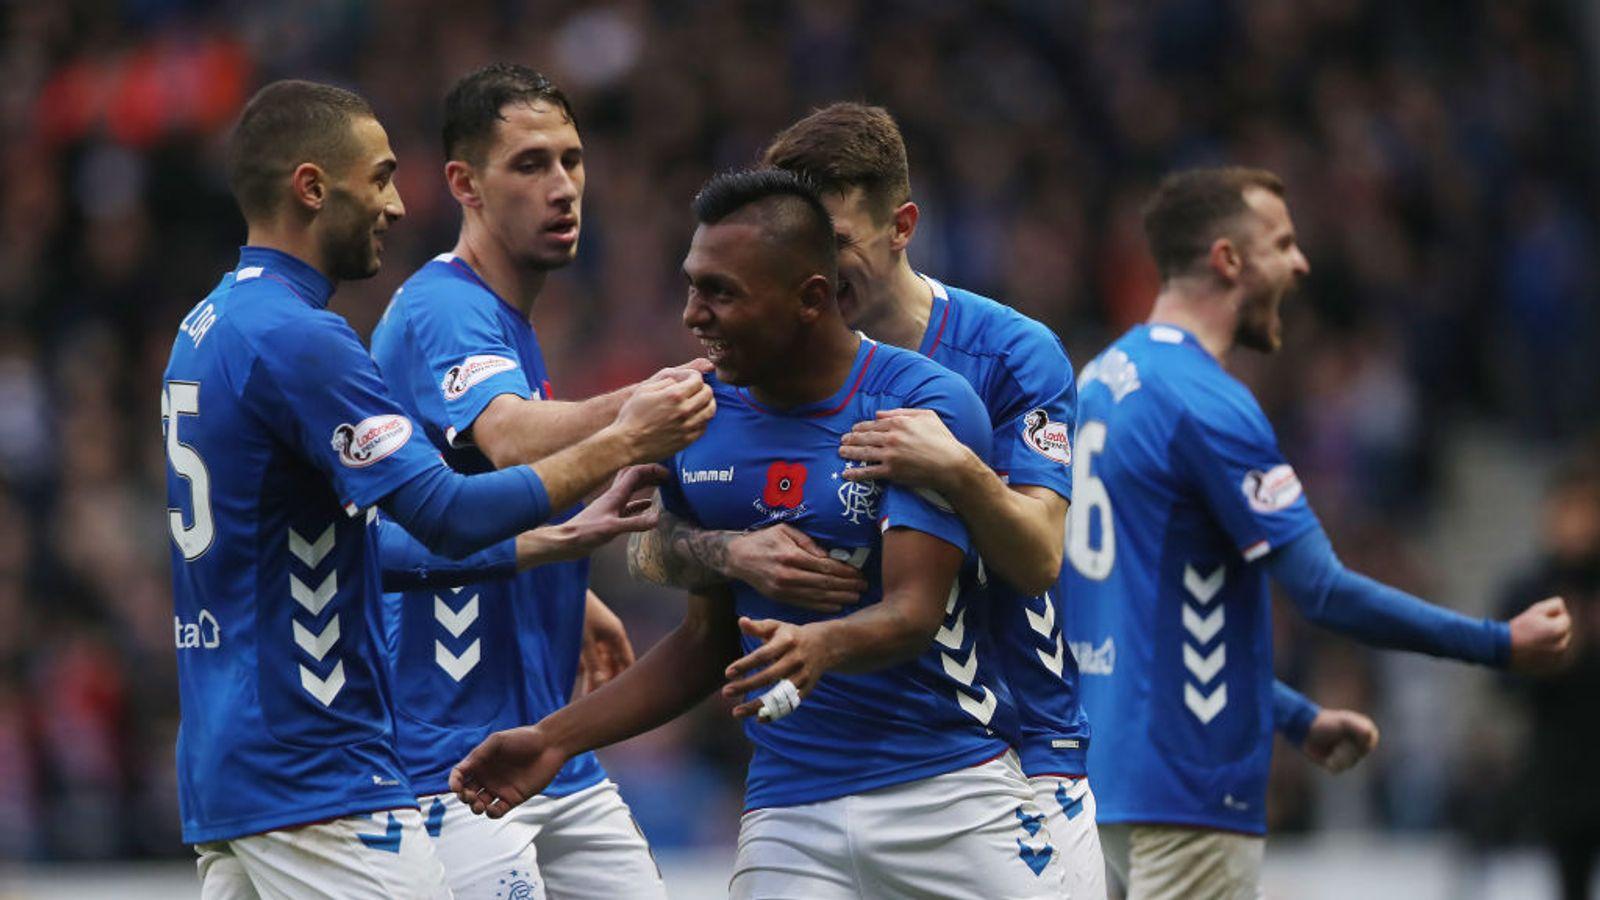 Rangers 7 - 1 Motherwell - Match Report & Highlights